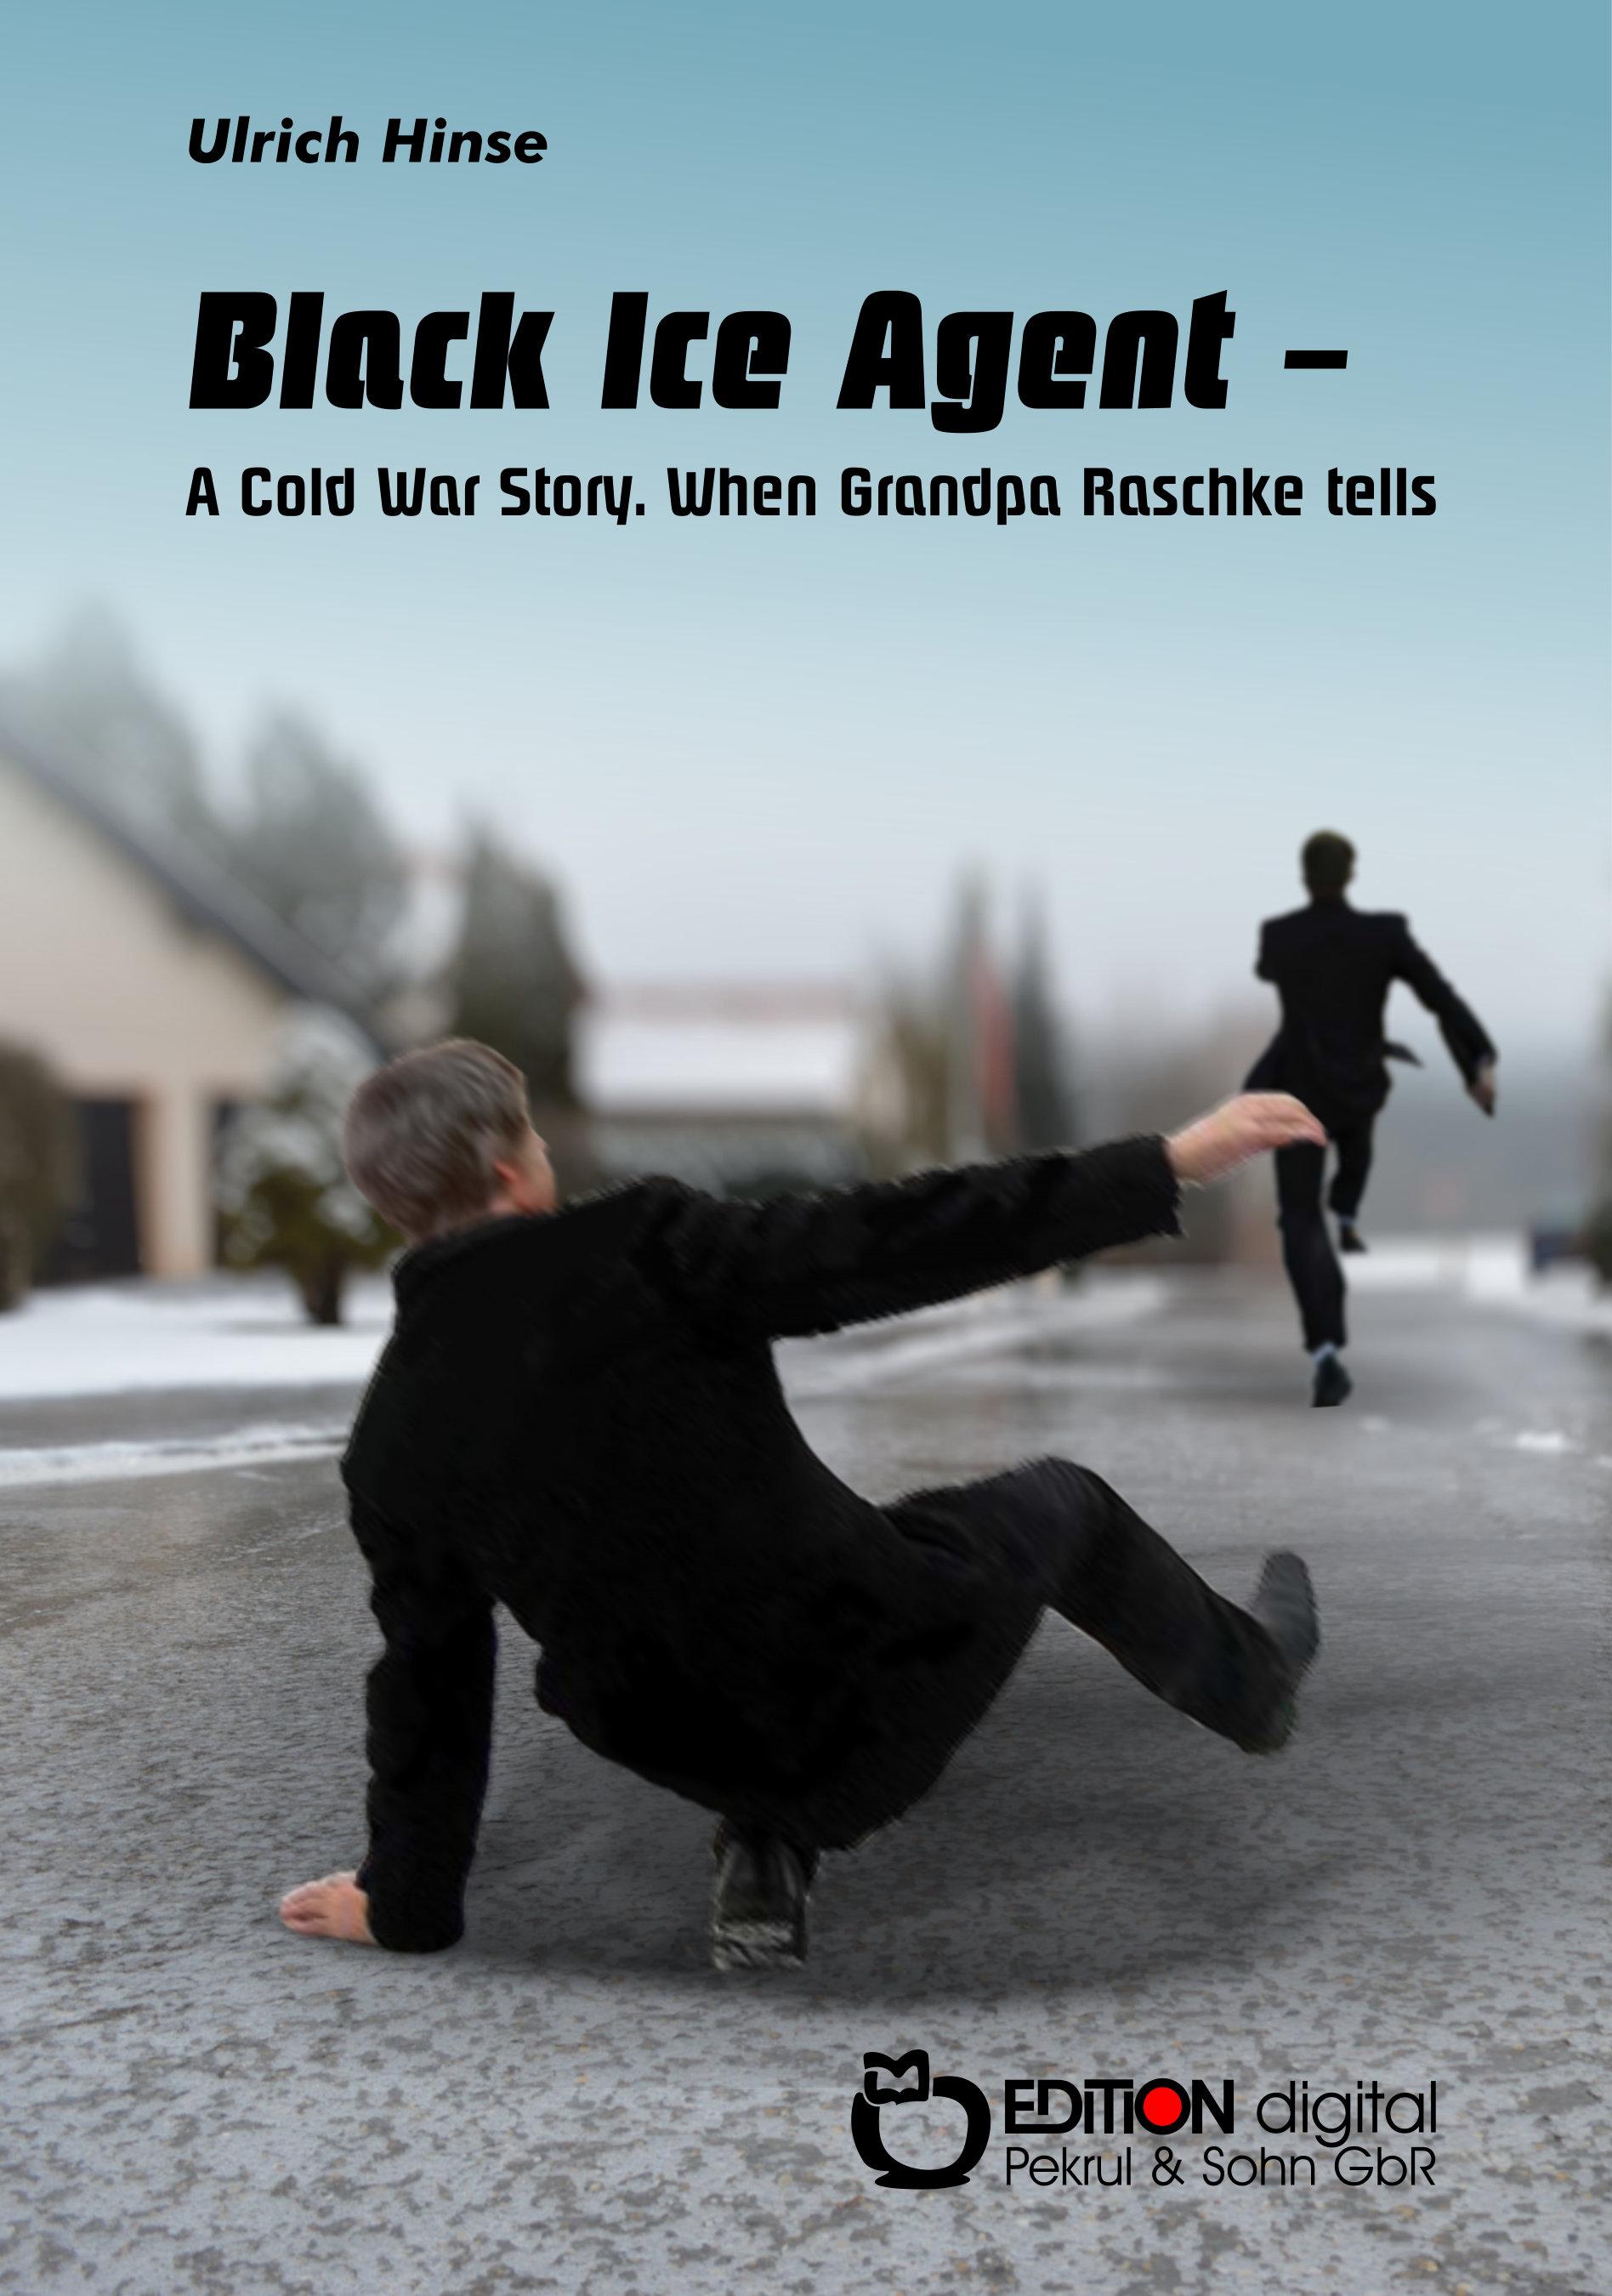 Black Ice Agent - A Cold War Story. When Grandpa Raschke tells von Ulrich Hinse